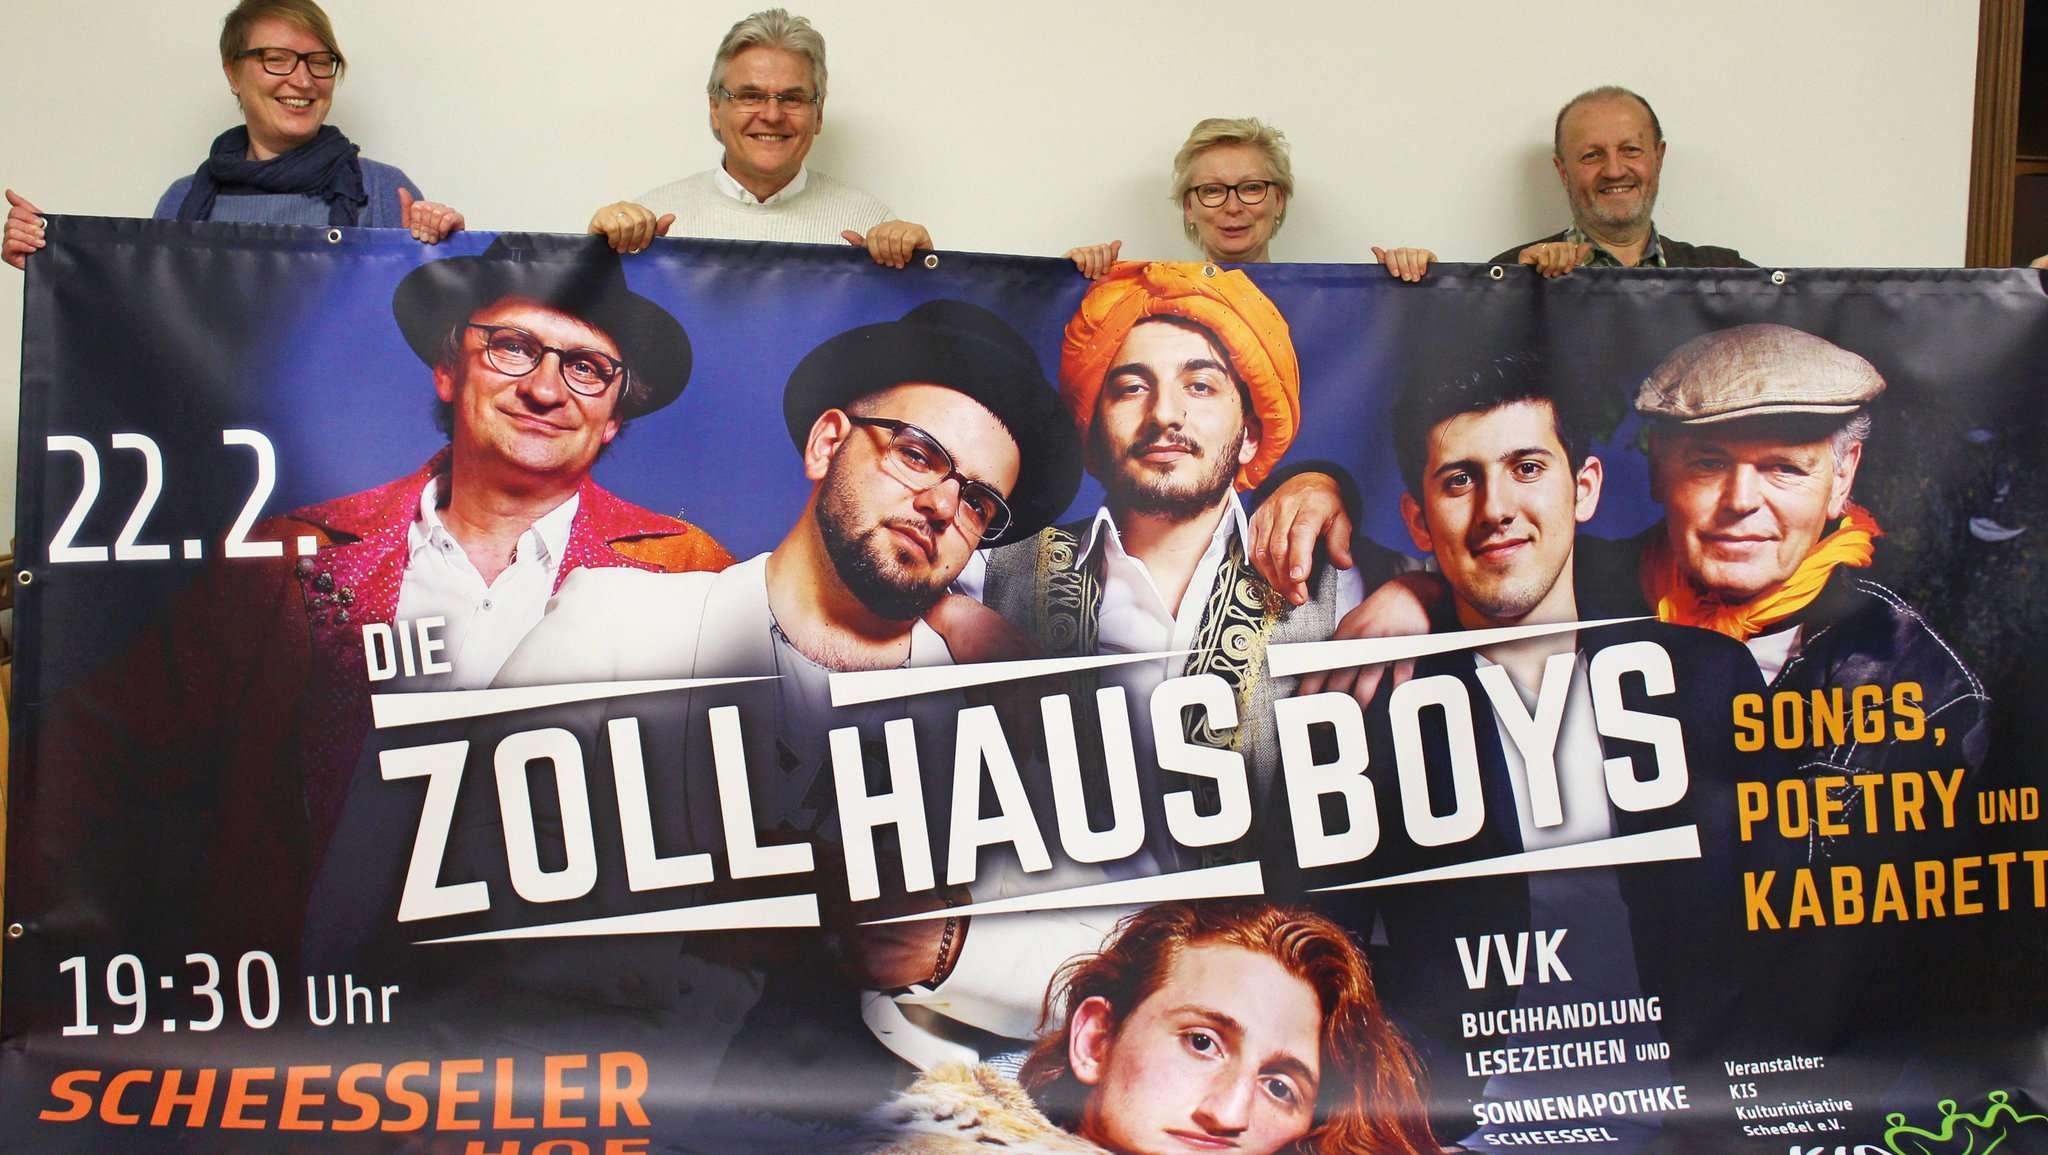 Mit einem großen Banner machen Anja Schürmann (von links), Bernd Braumüller, Gabriela Villwock und Paul-Gerhard Göttert auf den Auftritt der Zollhausboys aufmerksam. Foto: Ann-Christin Beims